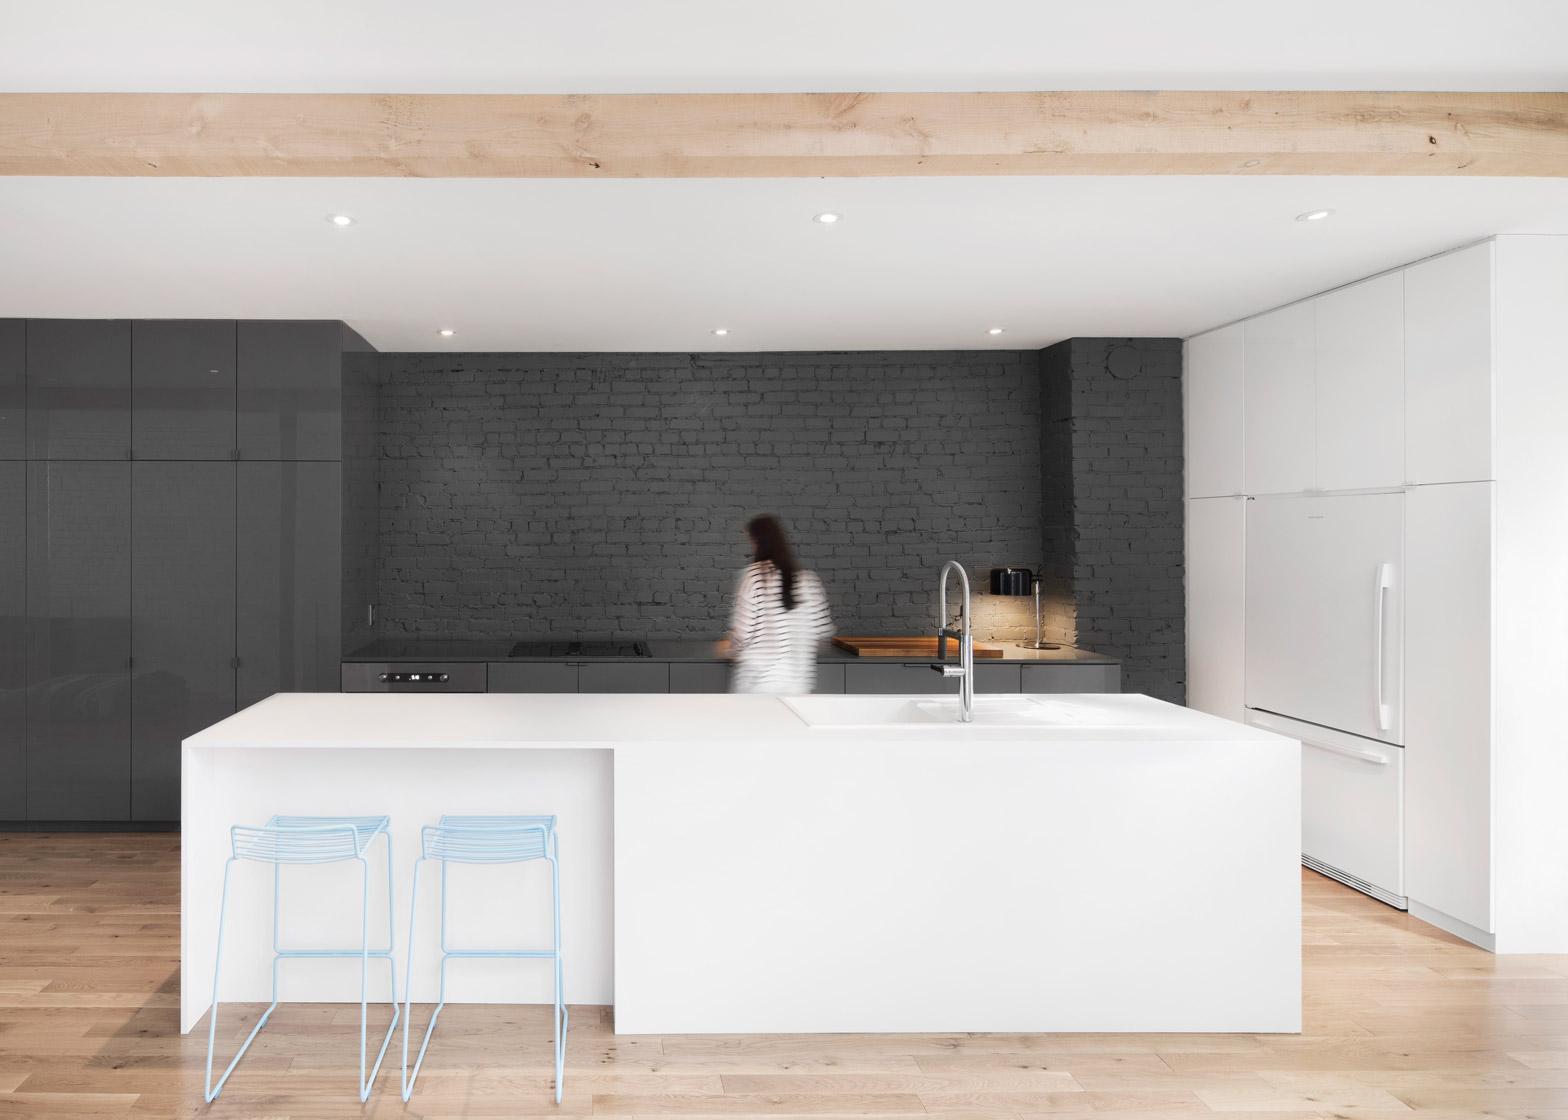 Lekker rauw: een bakstenen muur in huis   interior junkie